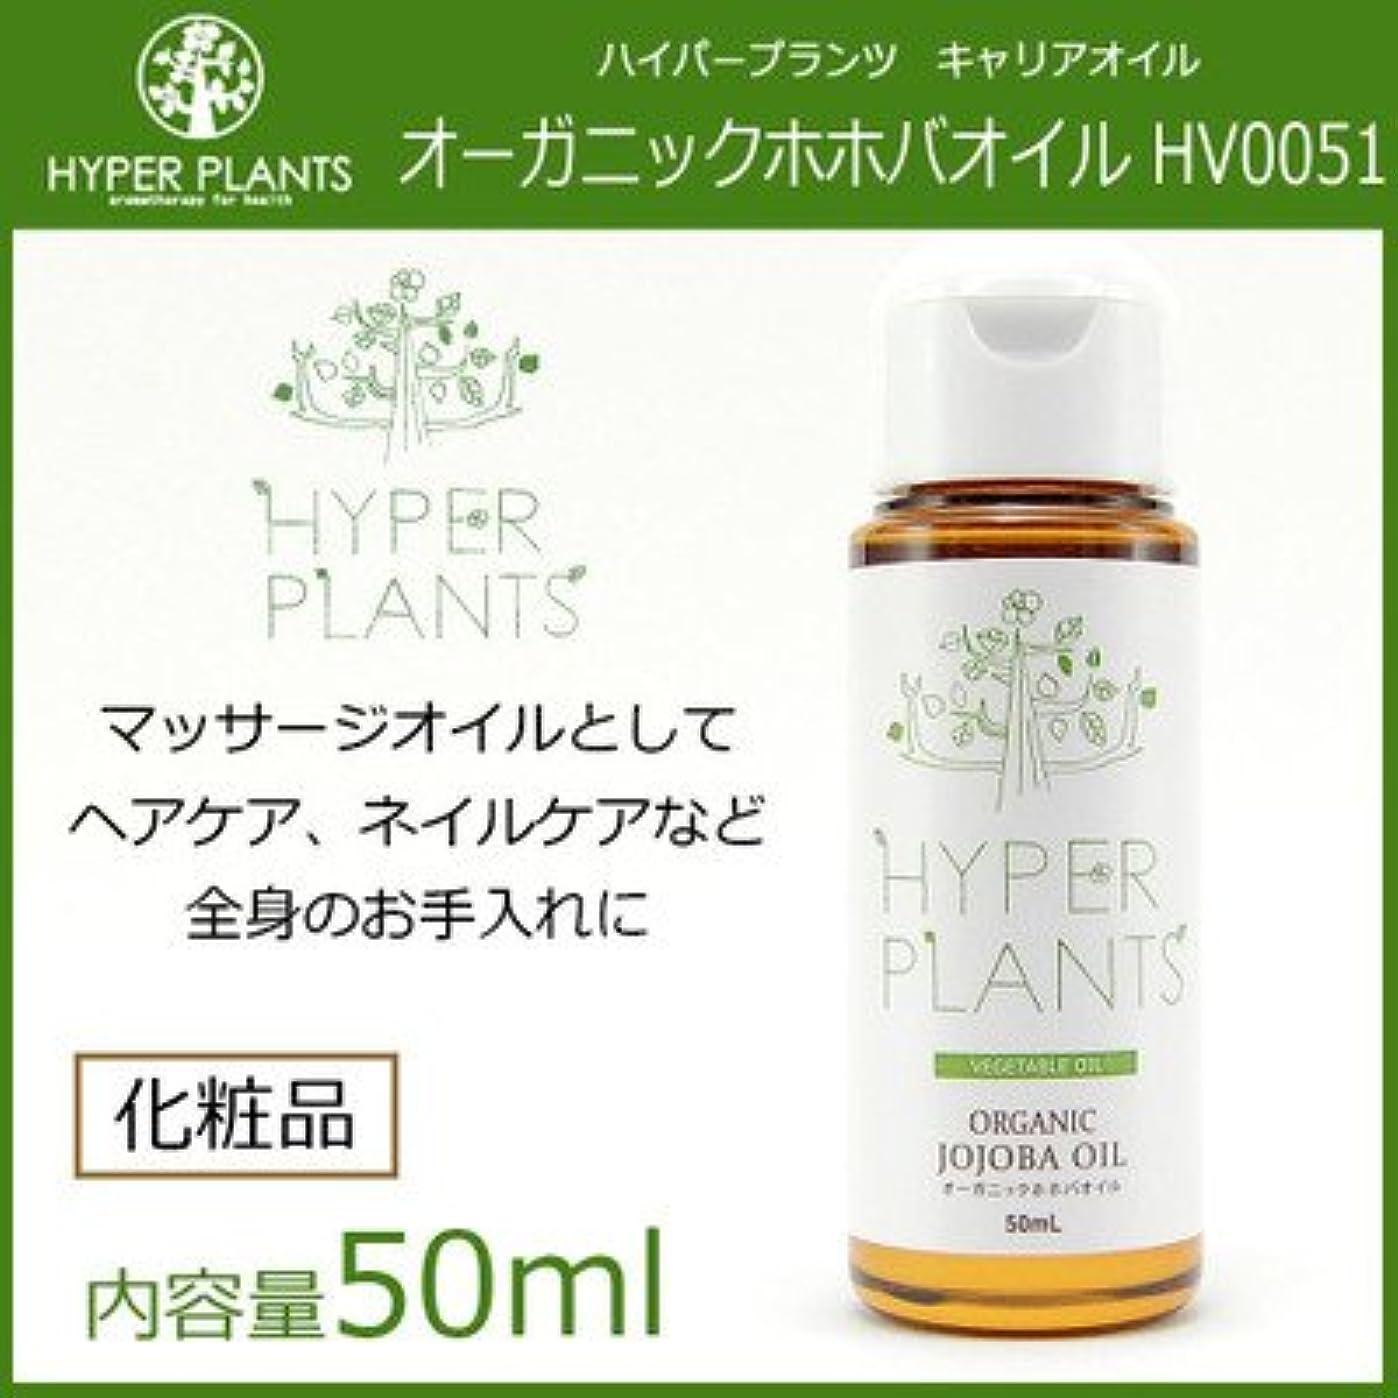 私達除去下線天然植物原料100%使用 肌なじみが良い定番オイル HYPER PLANTS ハイパープランツ キャリアオイル オーガニックホホバオイル 50ml HV0051